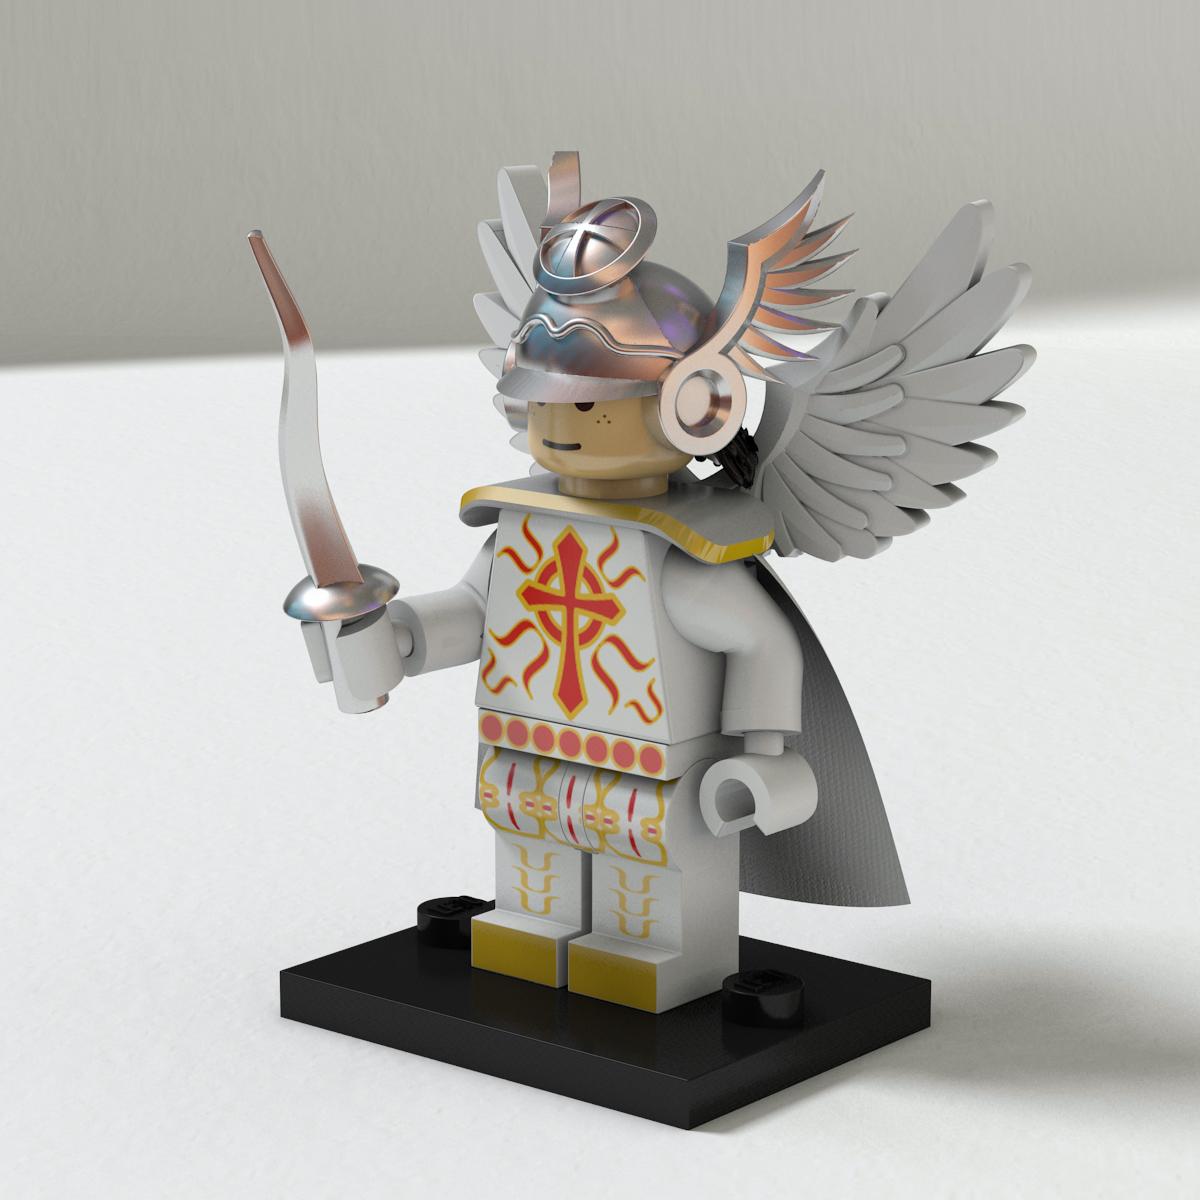 arcangel-lego-by-lau-toyosato